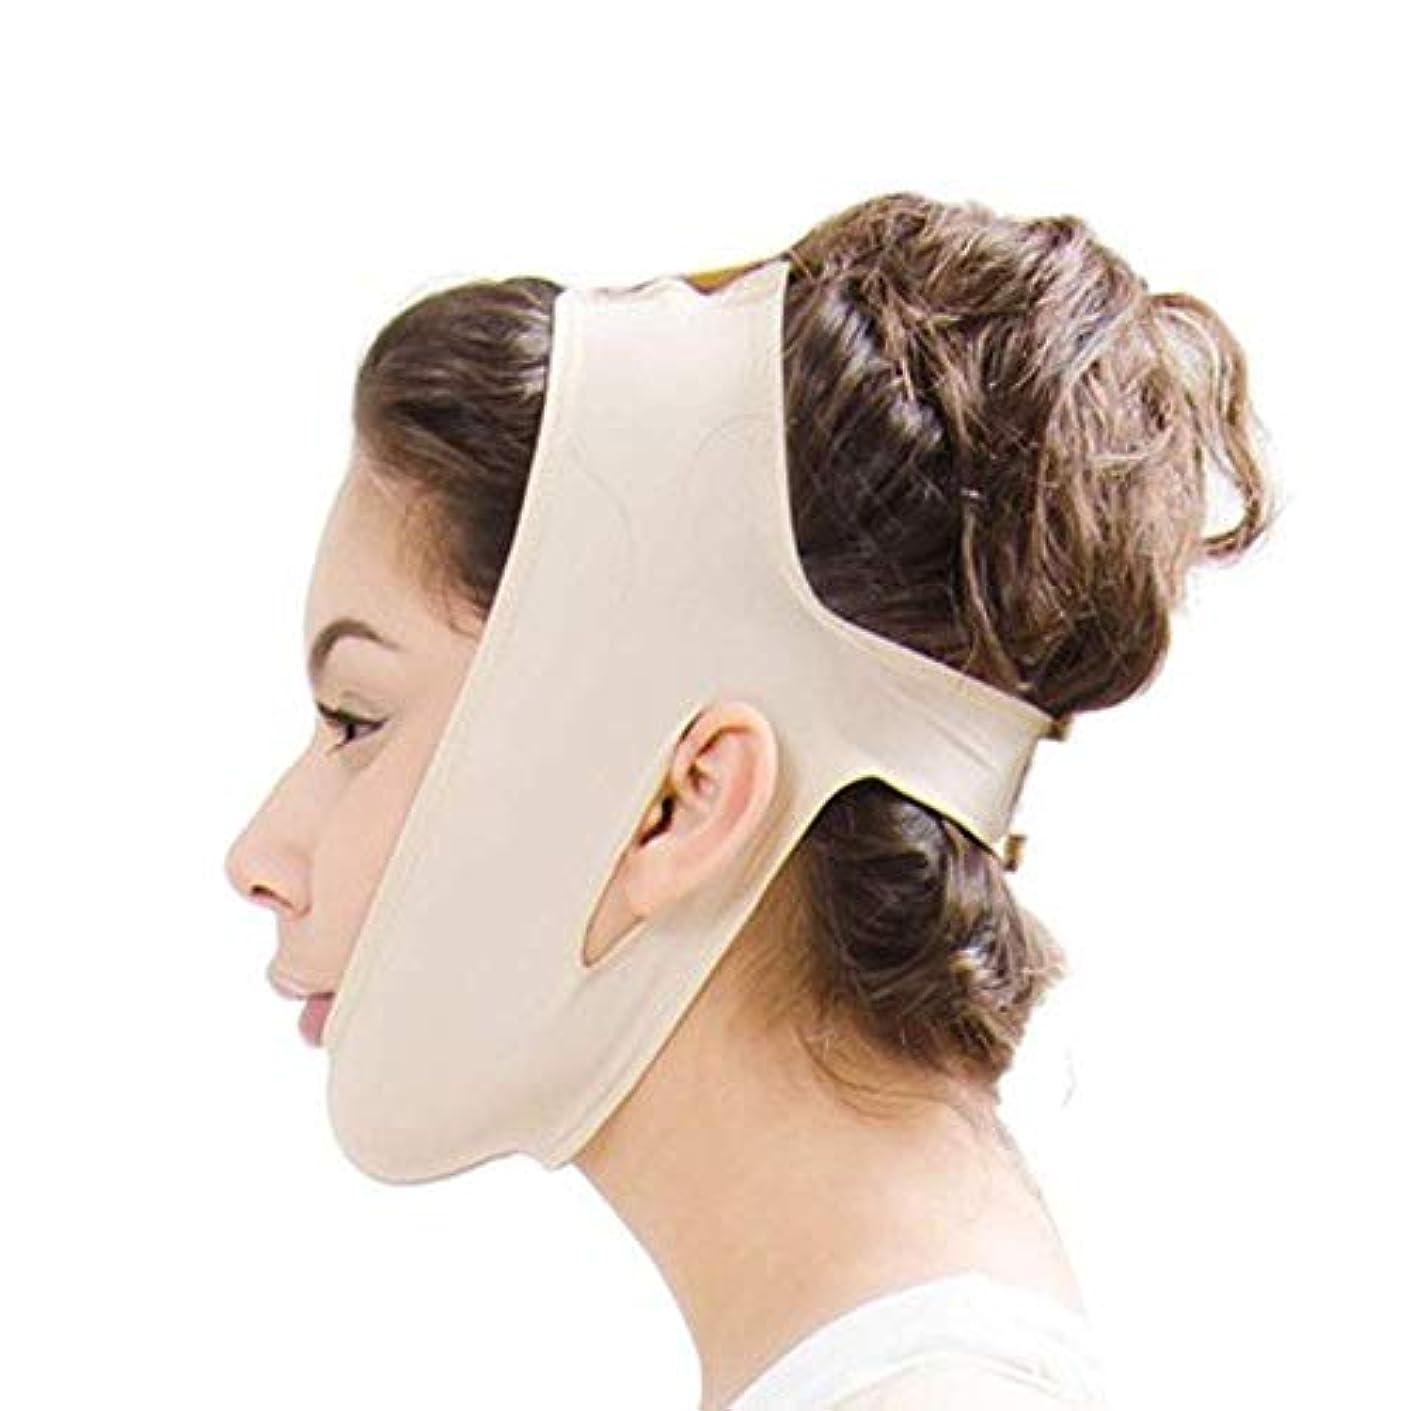 フライト姿を消す整理するフェイスリフティングマスク、フェイスダブルチンコンプレッションシンスモールVフェイスバンデージヘッドギアリフティングファーミングスキン(サイズ:L)